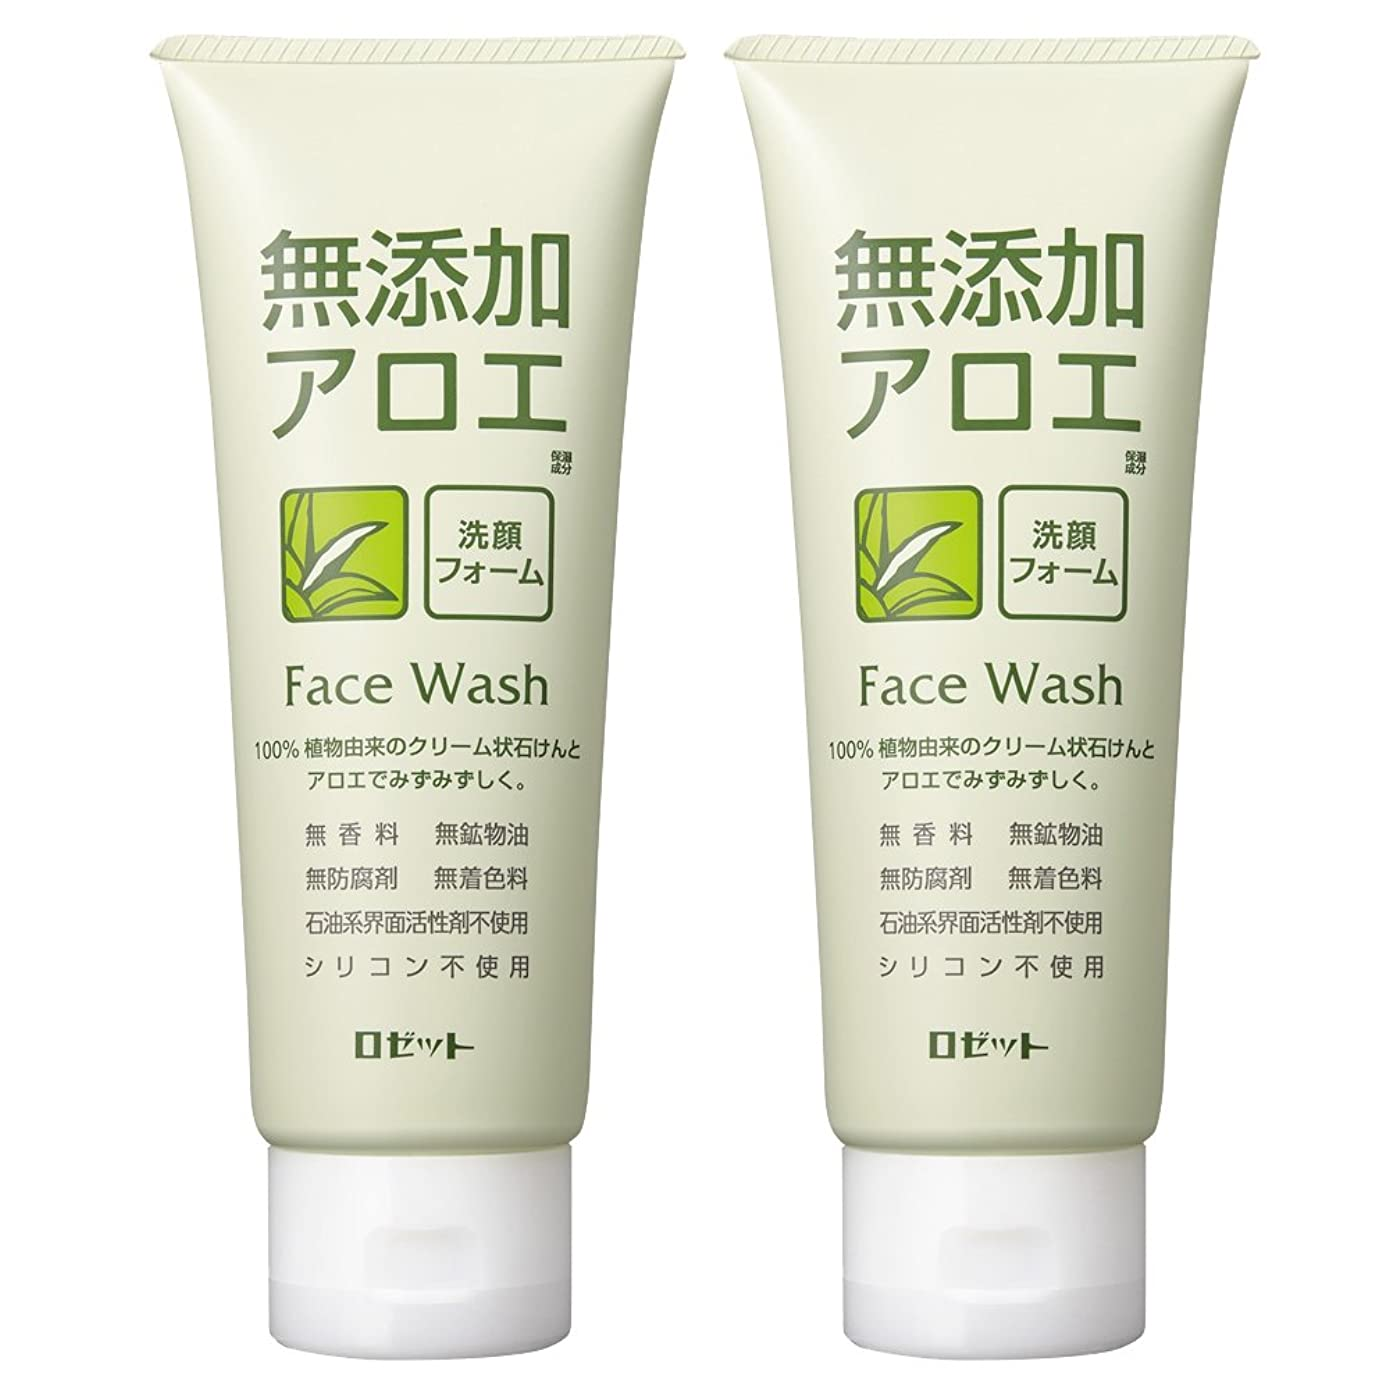 元に戻す欠かせない無駄なロゼット 無添加アロエ 洗顔フォーム 140g×2個パック AZ